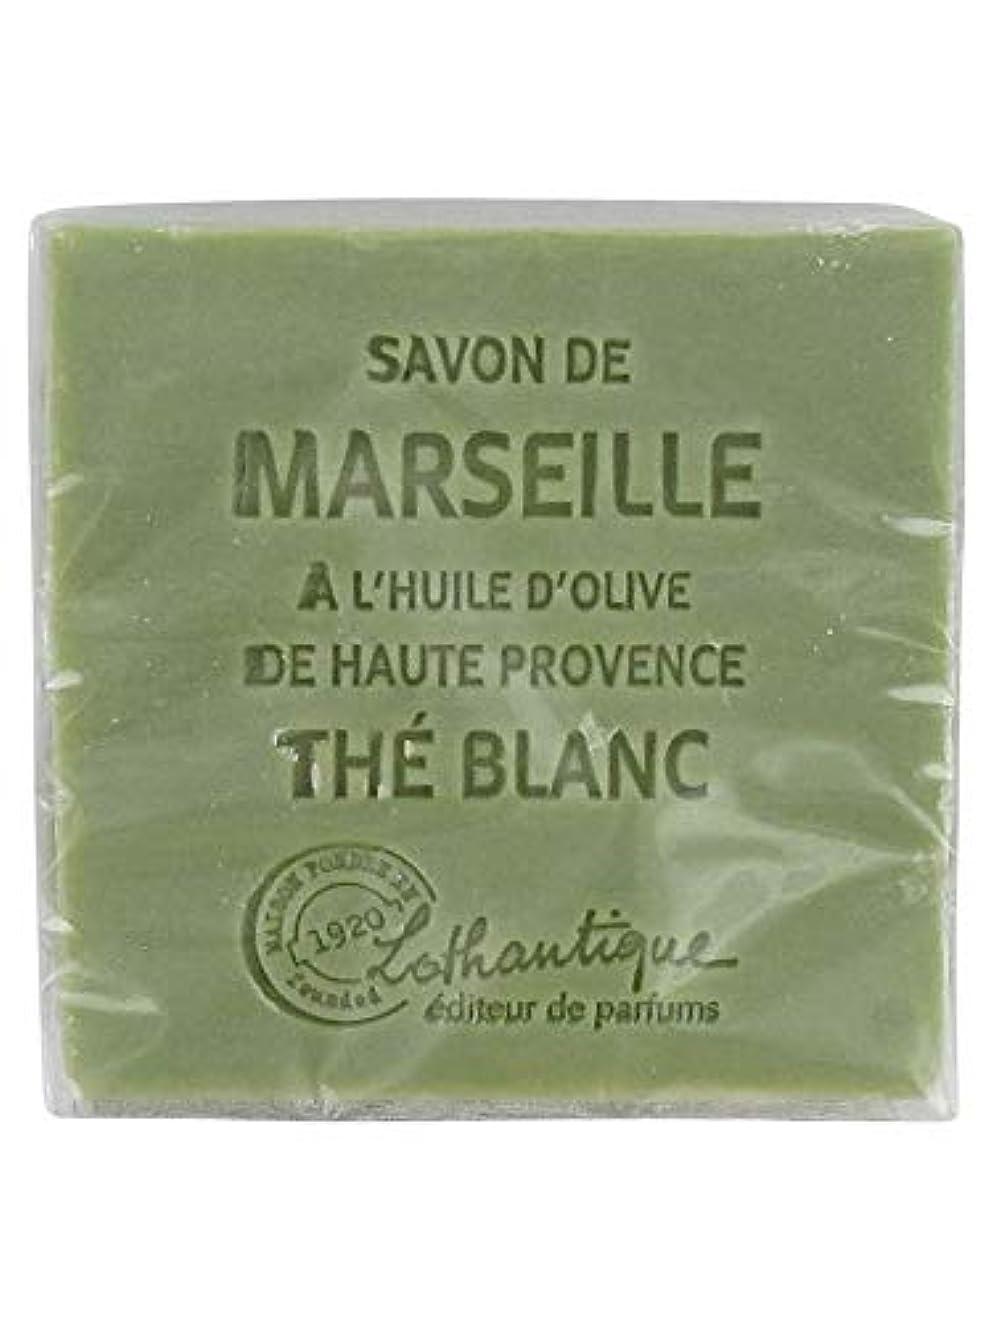 虫を数えるささやき咲くLothantique(ロタンティック) Les savons de Marseille(マルセイユソープ) マルセイユソープ 100g 「ホワイトティー」 3420070038036